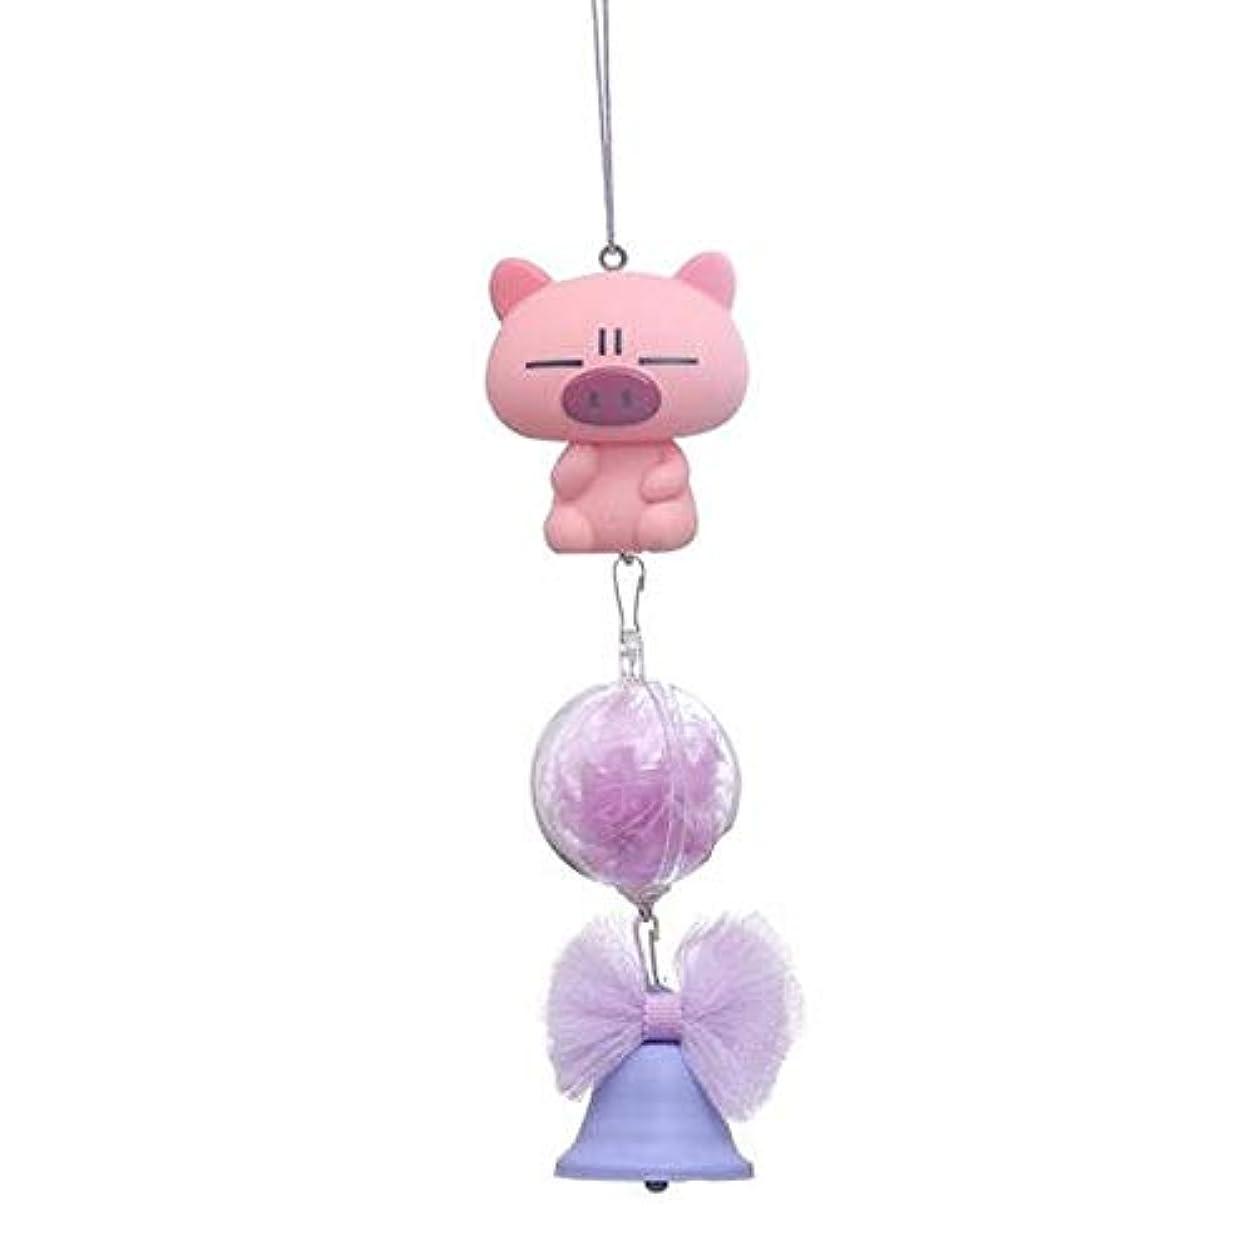 欠員ピアース共同選択風鈴、誕生日プレゼントのアイデア、豚ベルペンダントの装飾、家族女の子のベッドルームの装飾 (Color : Purple)